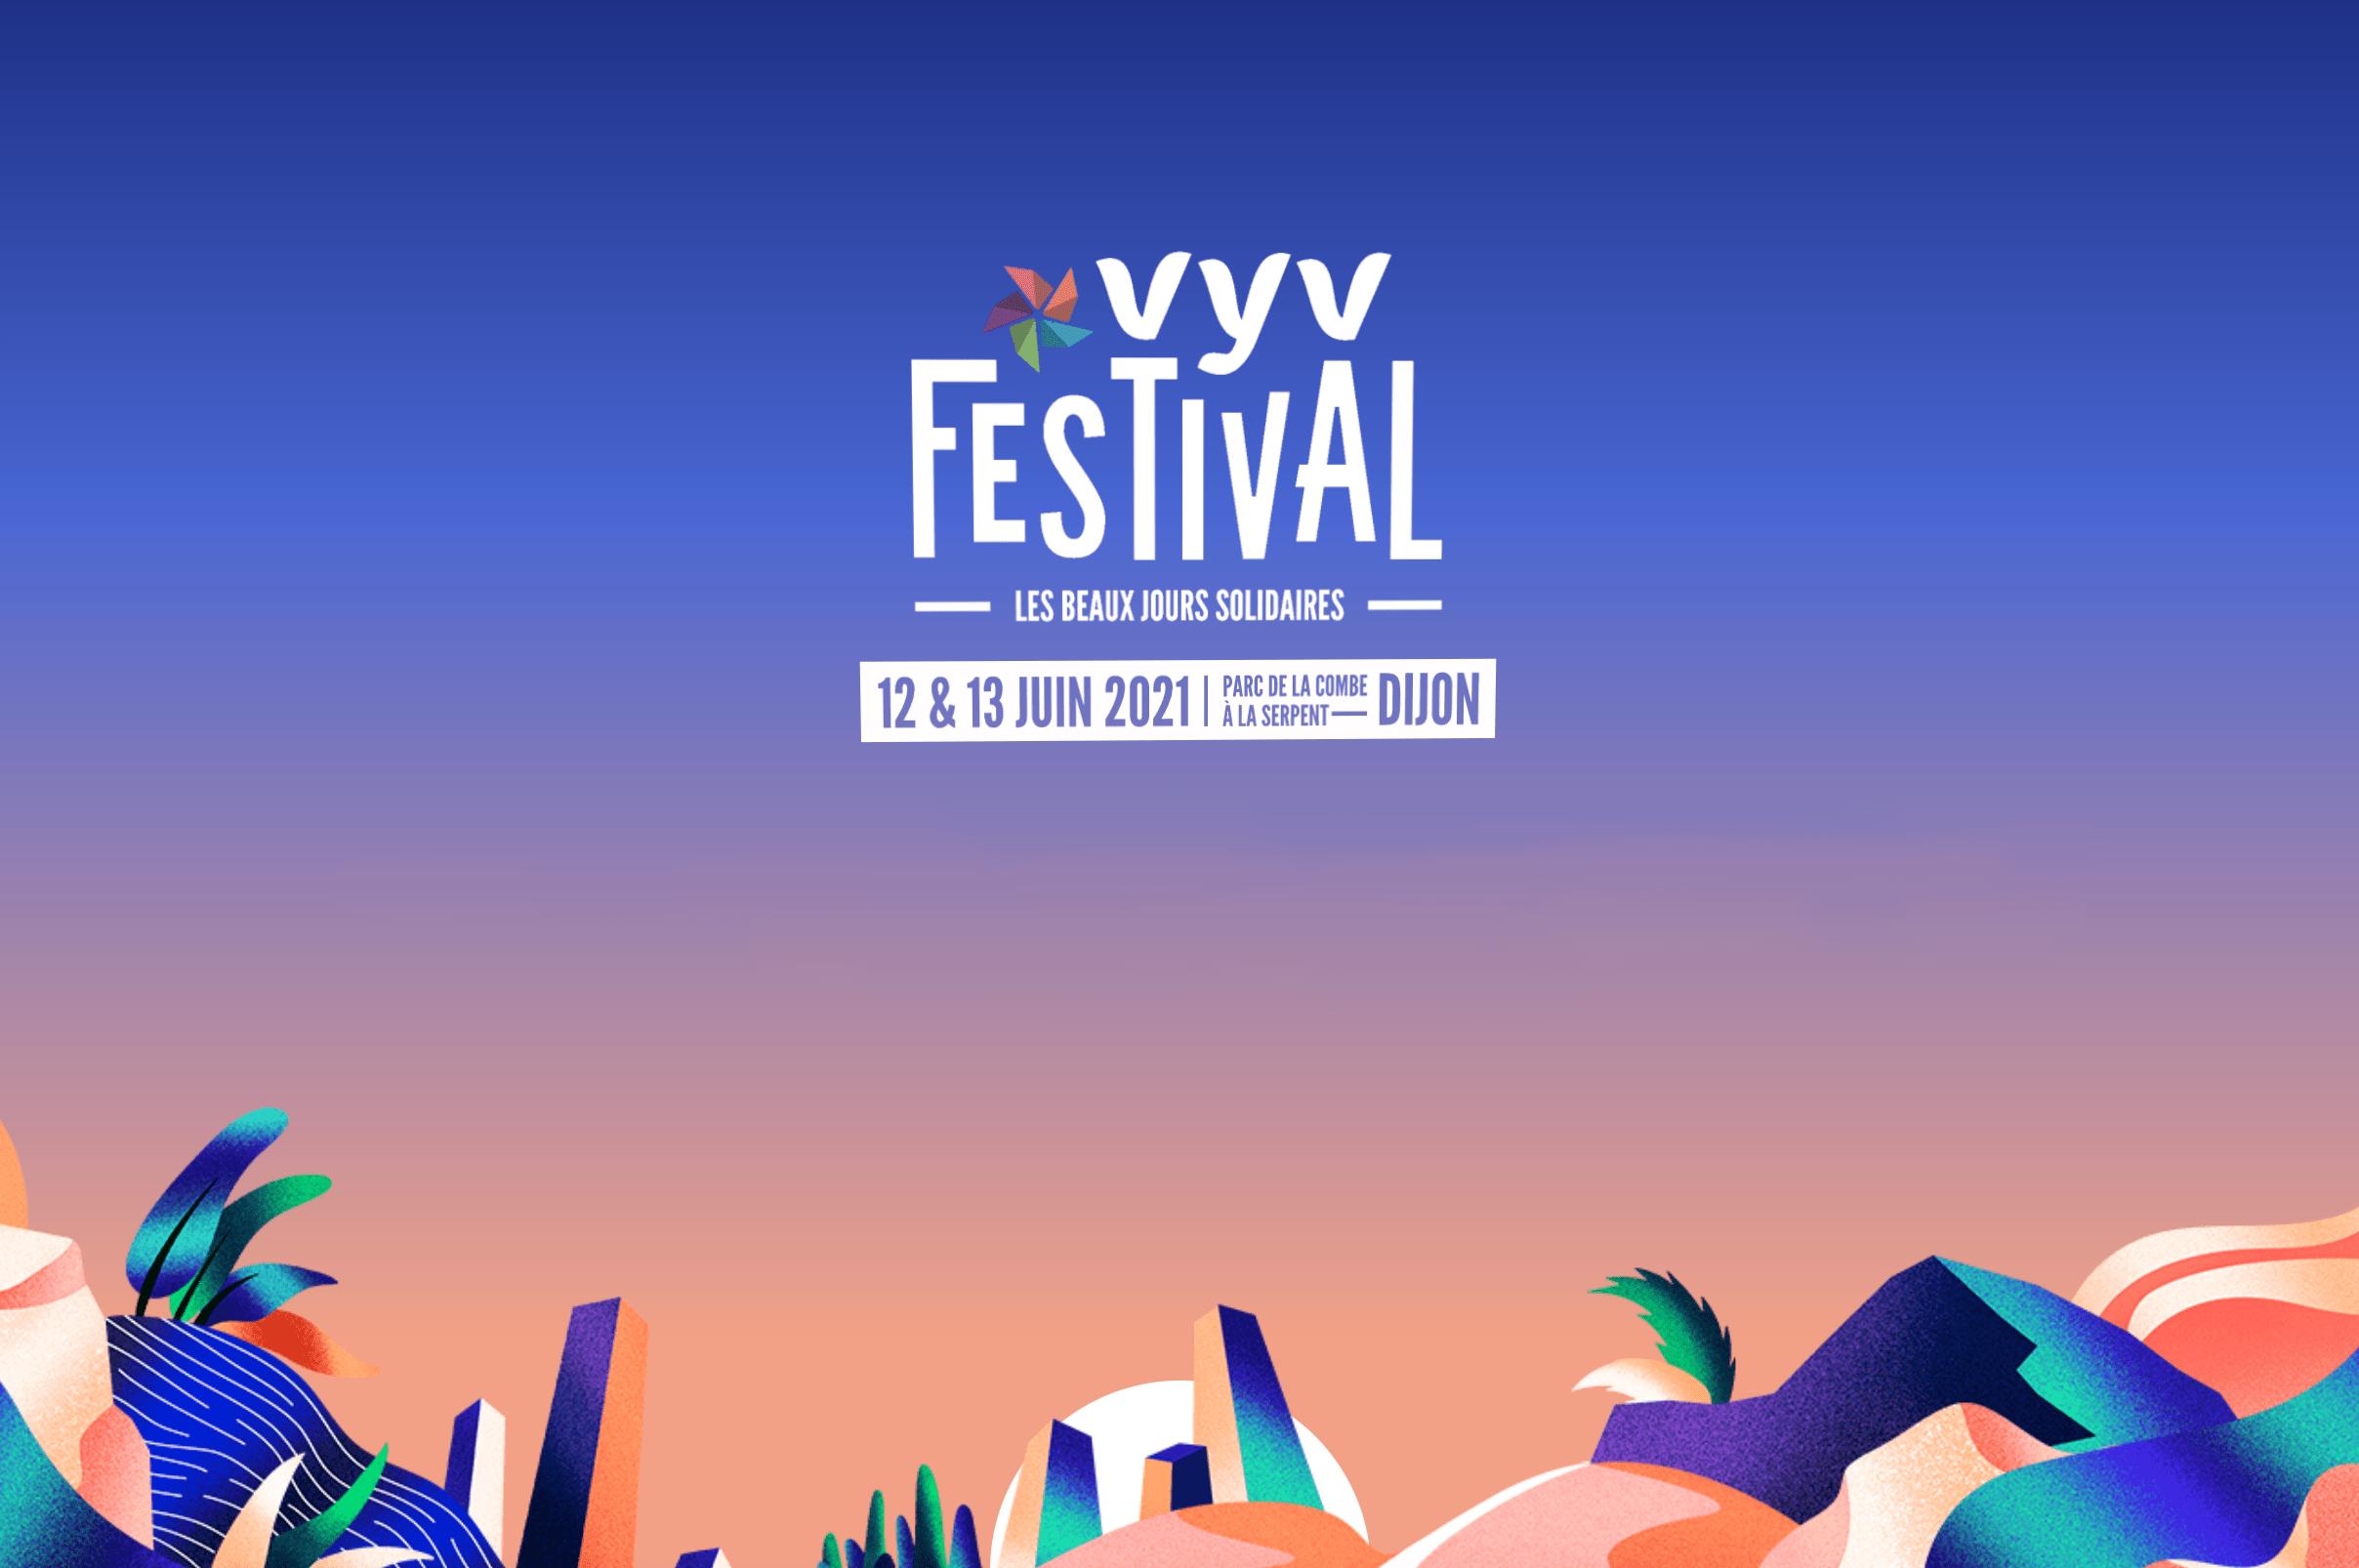 Dijon : VYV Festival mise sur juin 2021